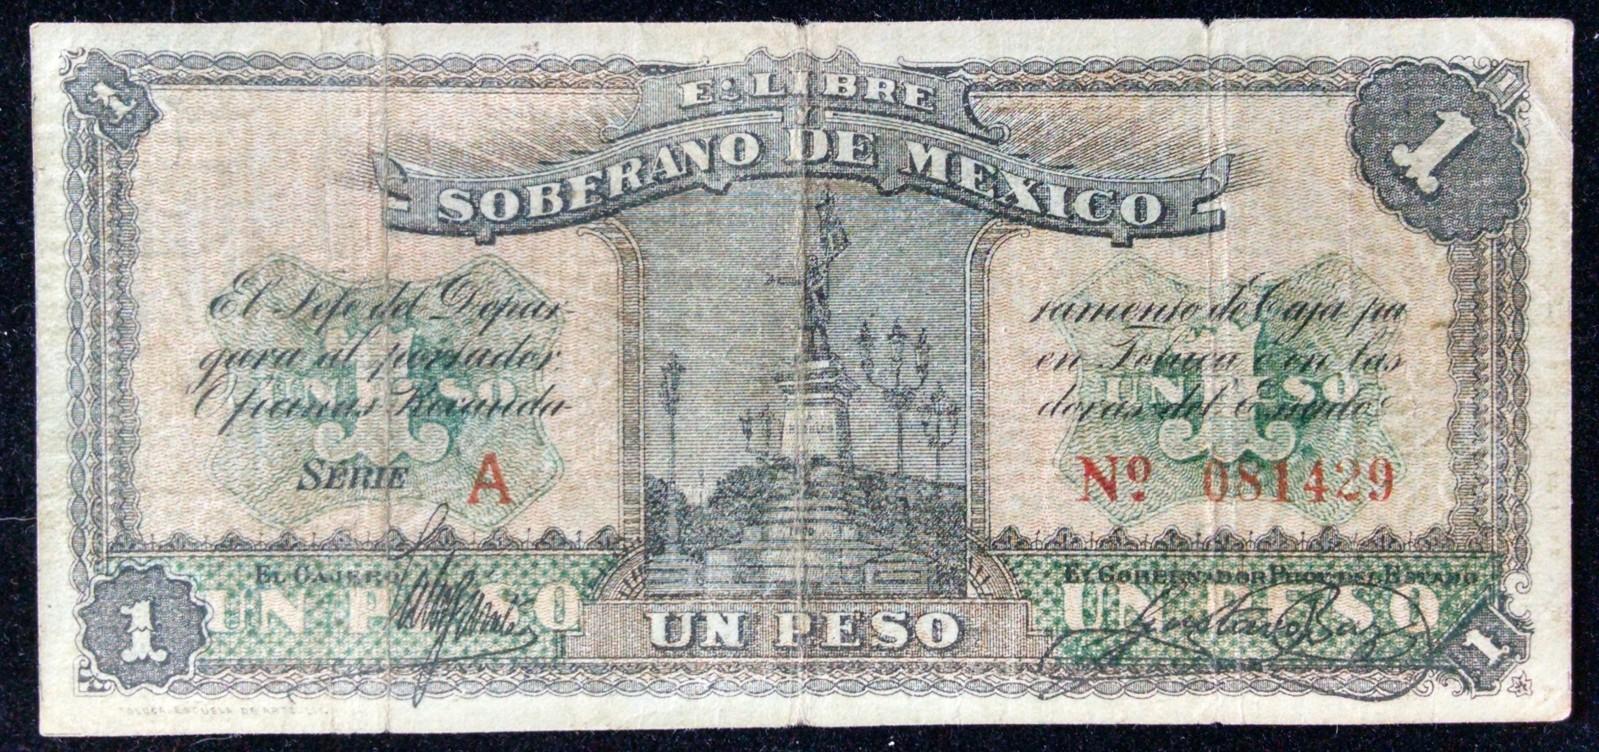 1 peso 1915 Mexico 301q5oi